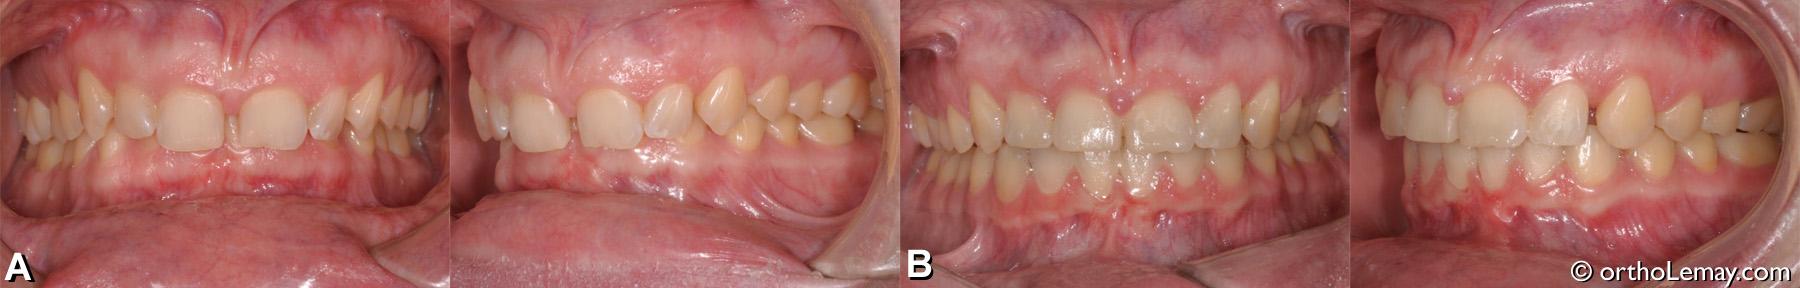 Malocclusion dentaire classe 2 division 2 adulte avec usure dentaire et overbite 100% de surplomb vertical.